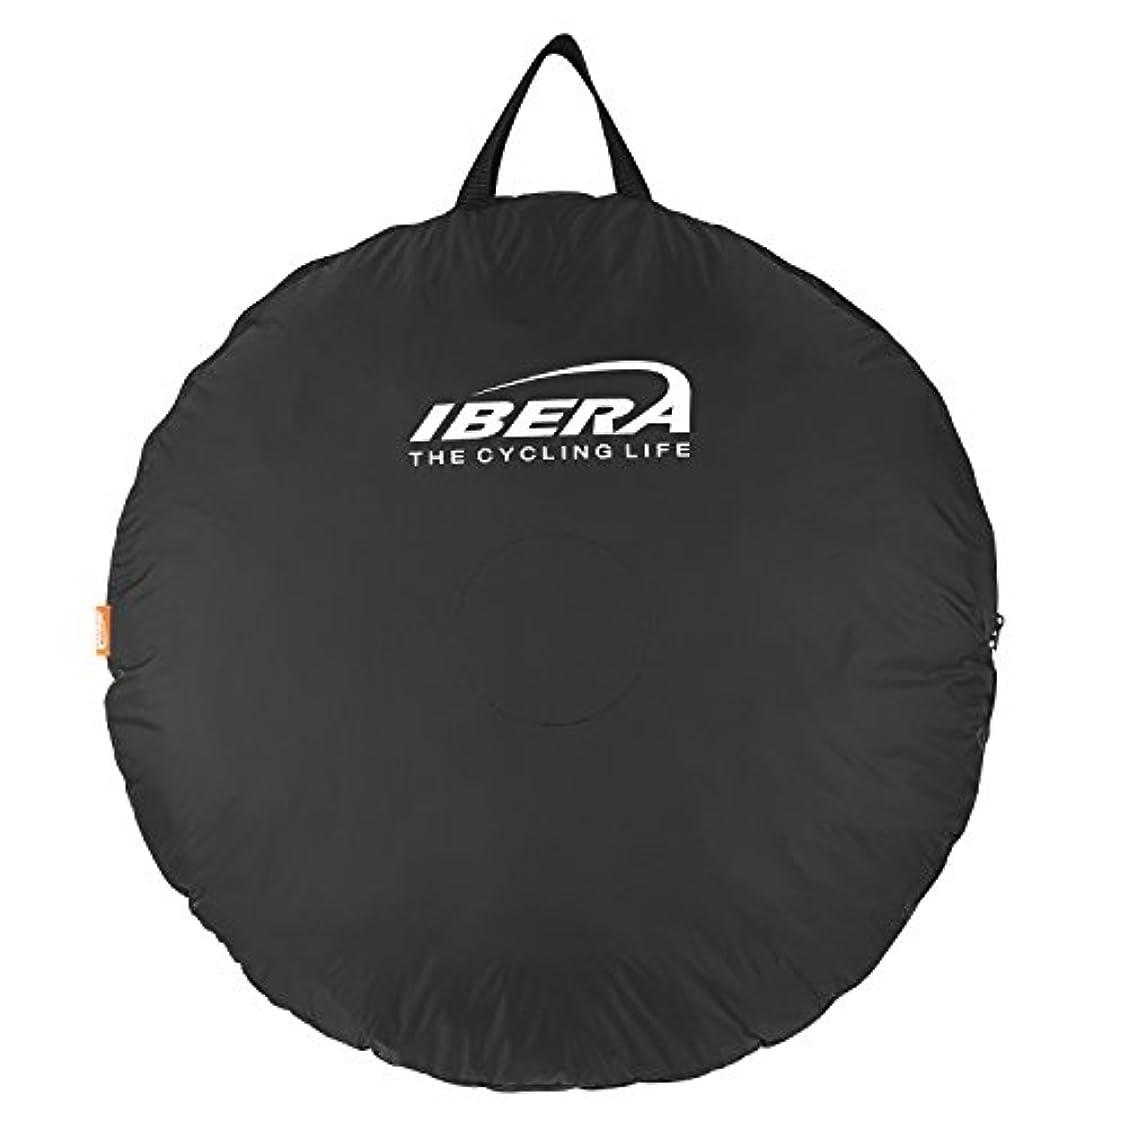 マークされたデータ発症Ibera(イベラ) 耐水性に優れたホイールバッグ?26